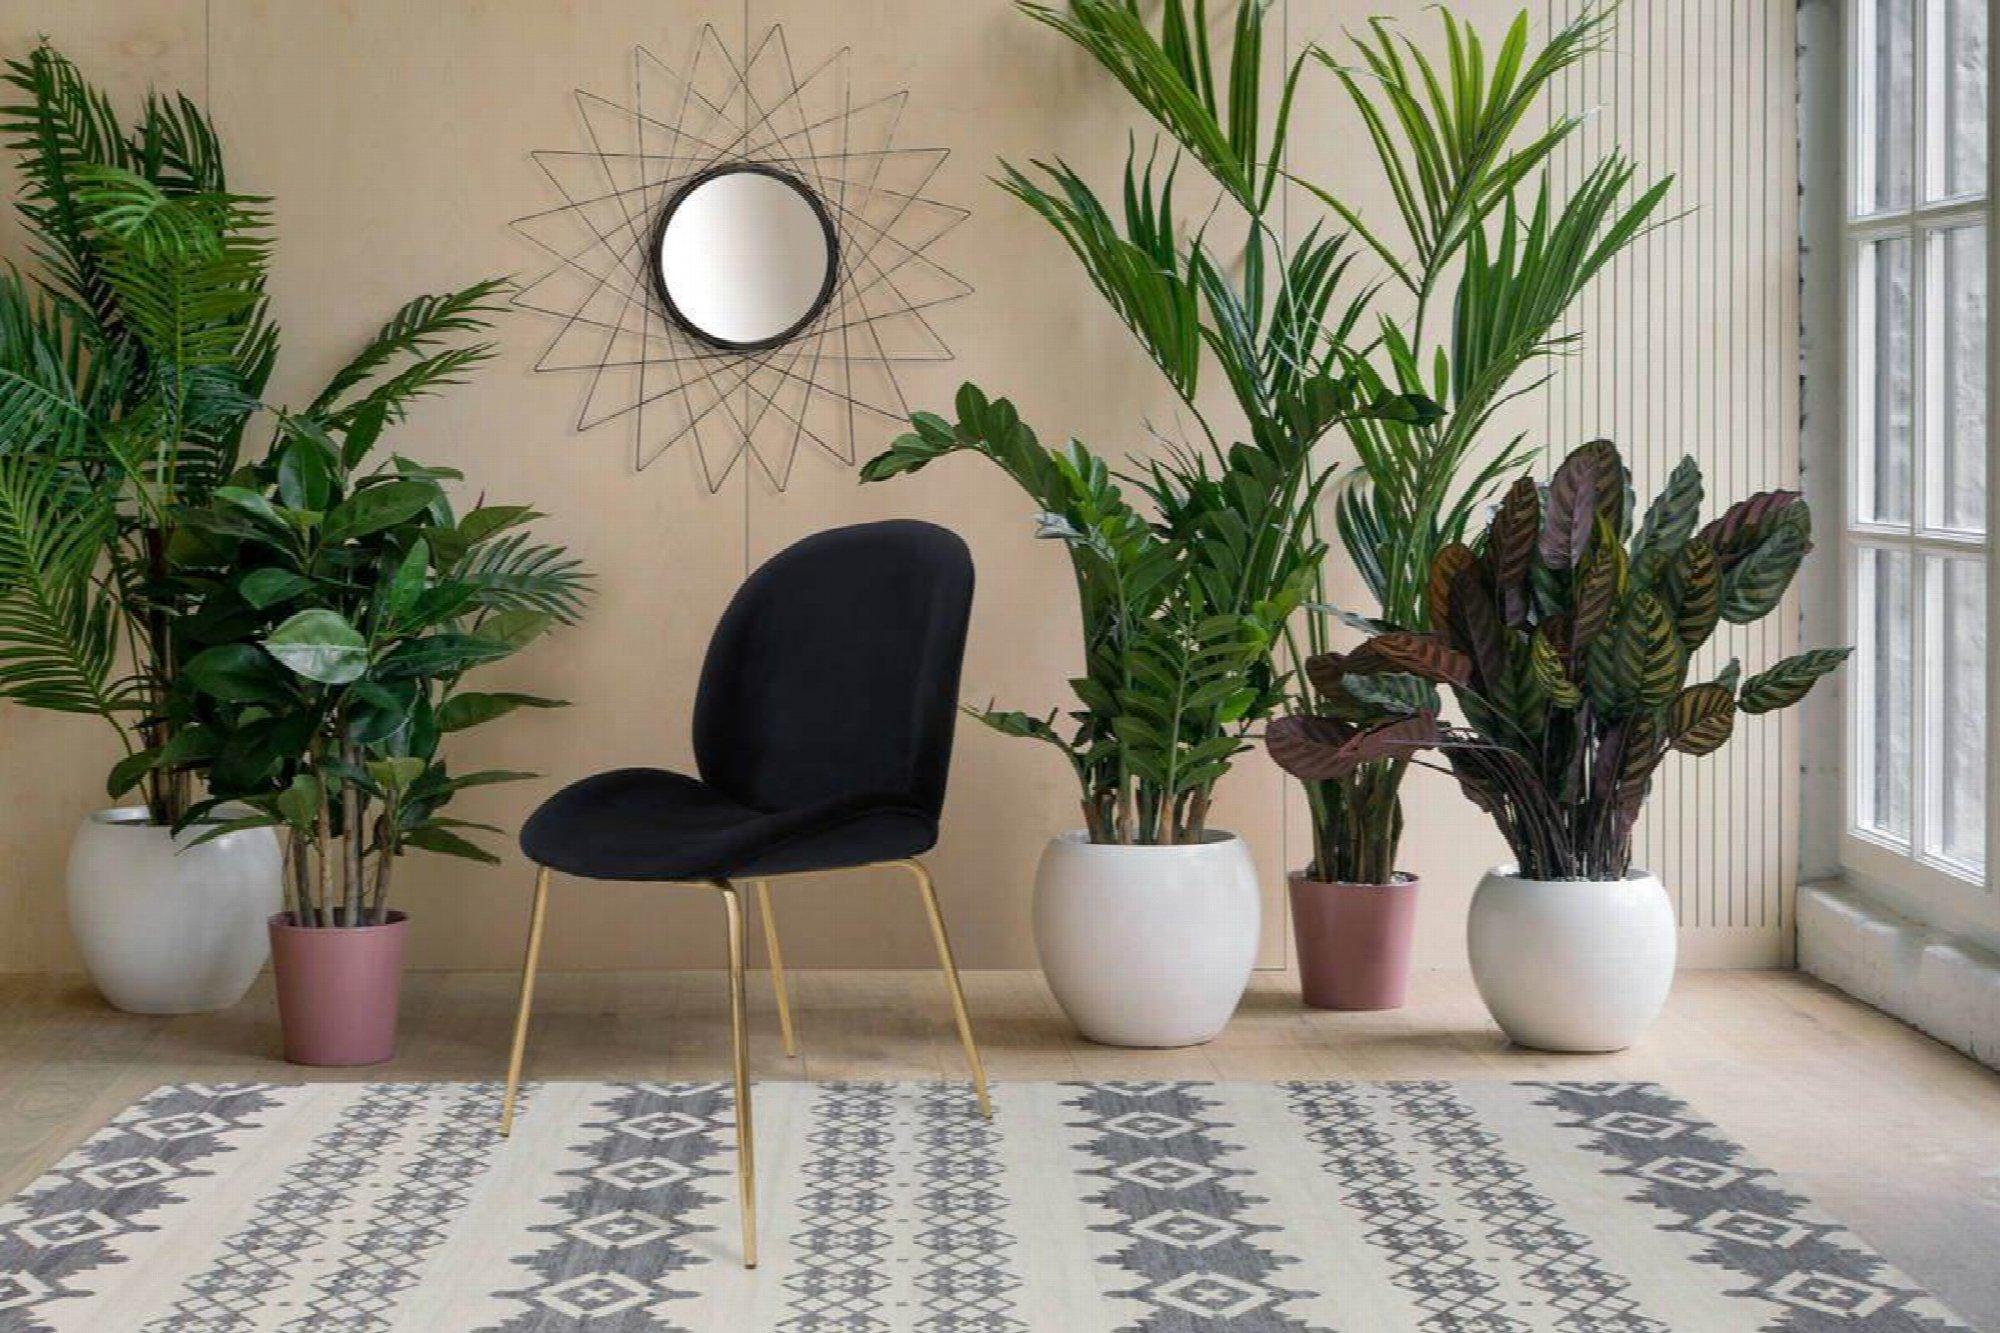 Chaise rembourrée assise noir pieds doré (lot de 2)